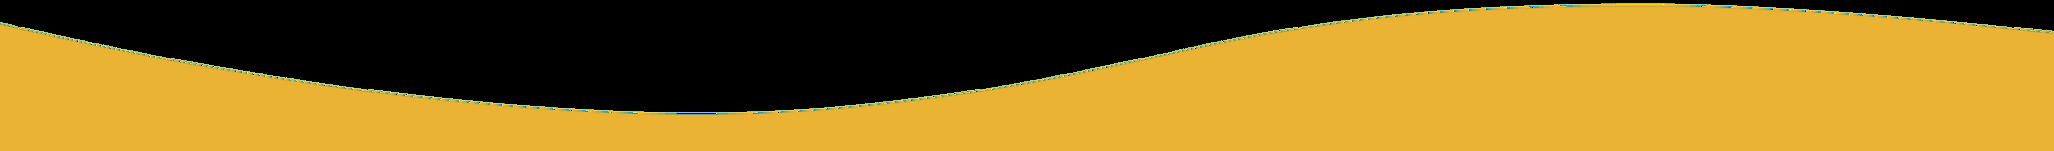 yellow%20bar_edited.png